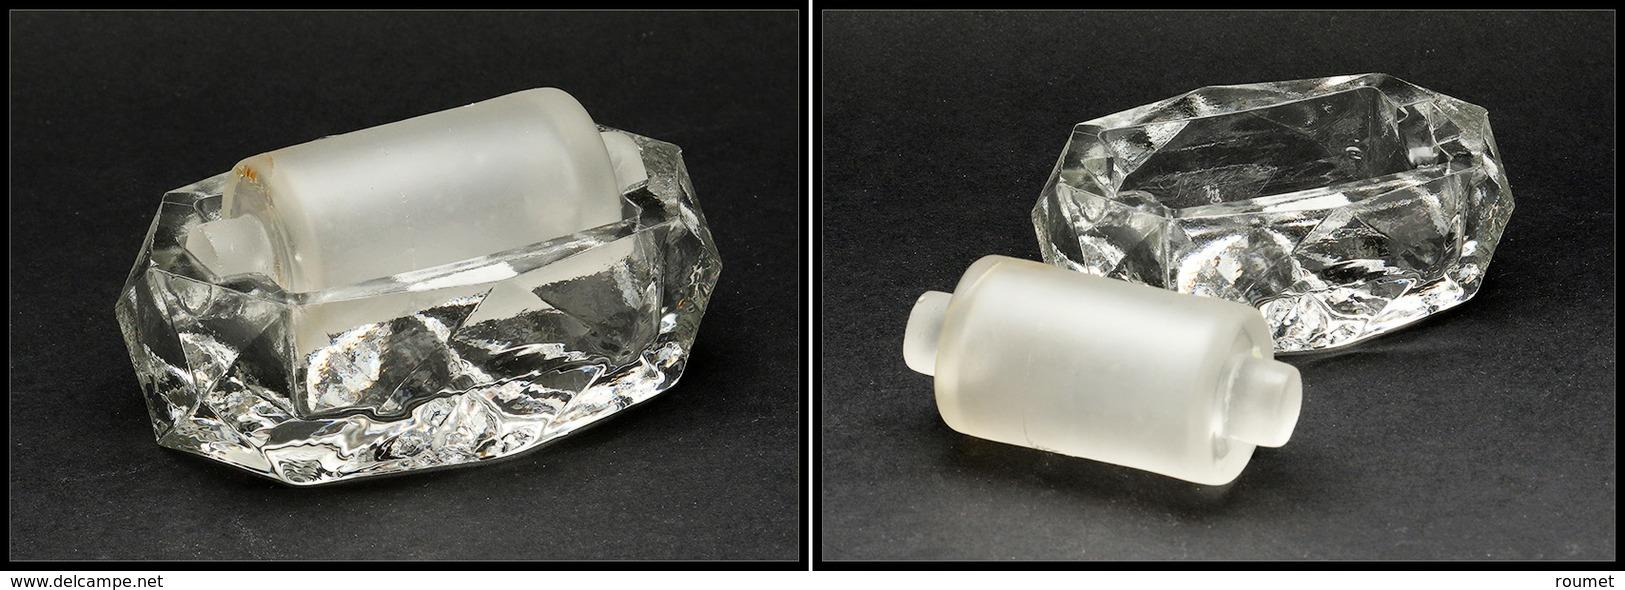 Mouille Timbres En Cristal Biseauté, Rouleau Sablé, 80x55x25mm. - TB - Boites A Timbres